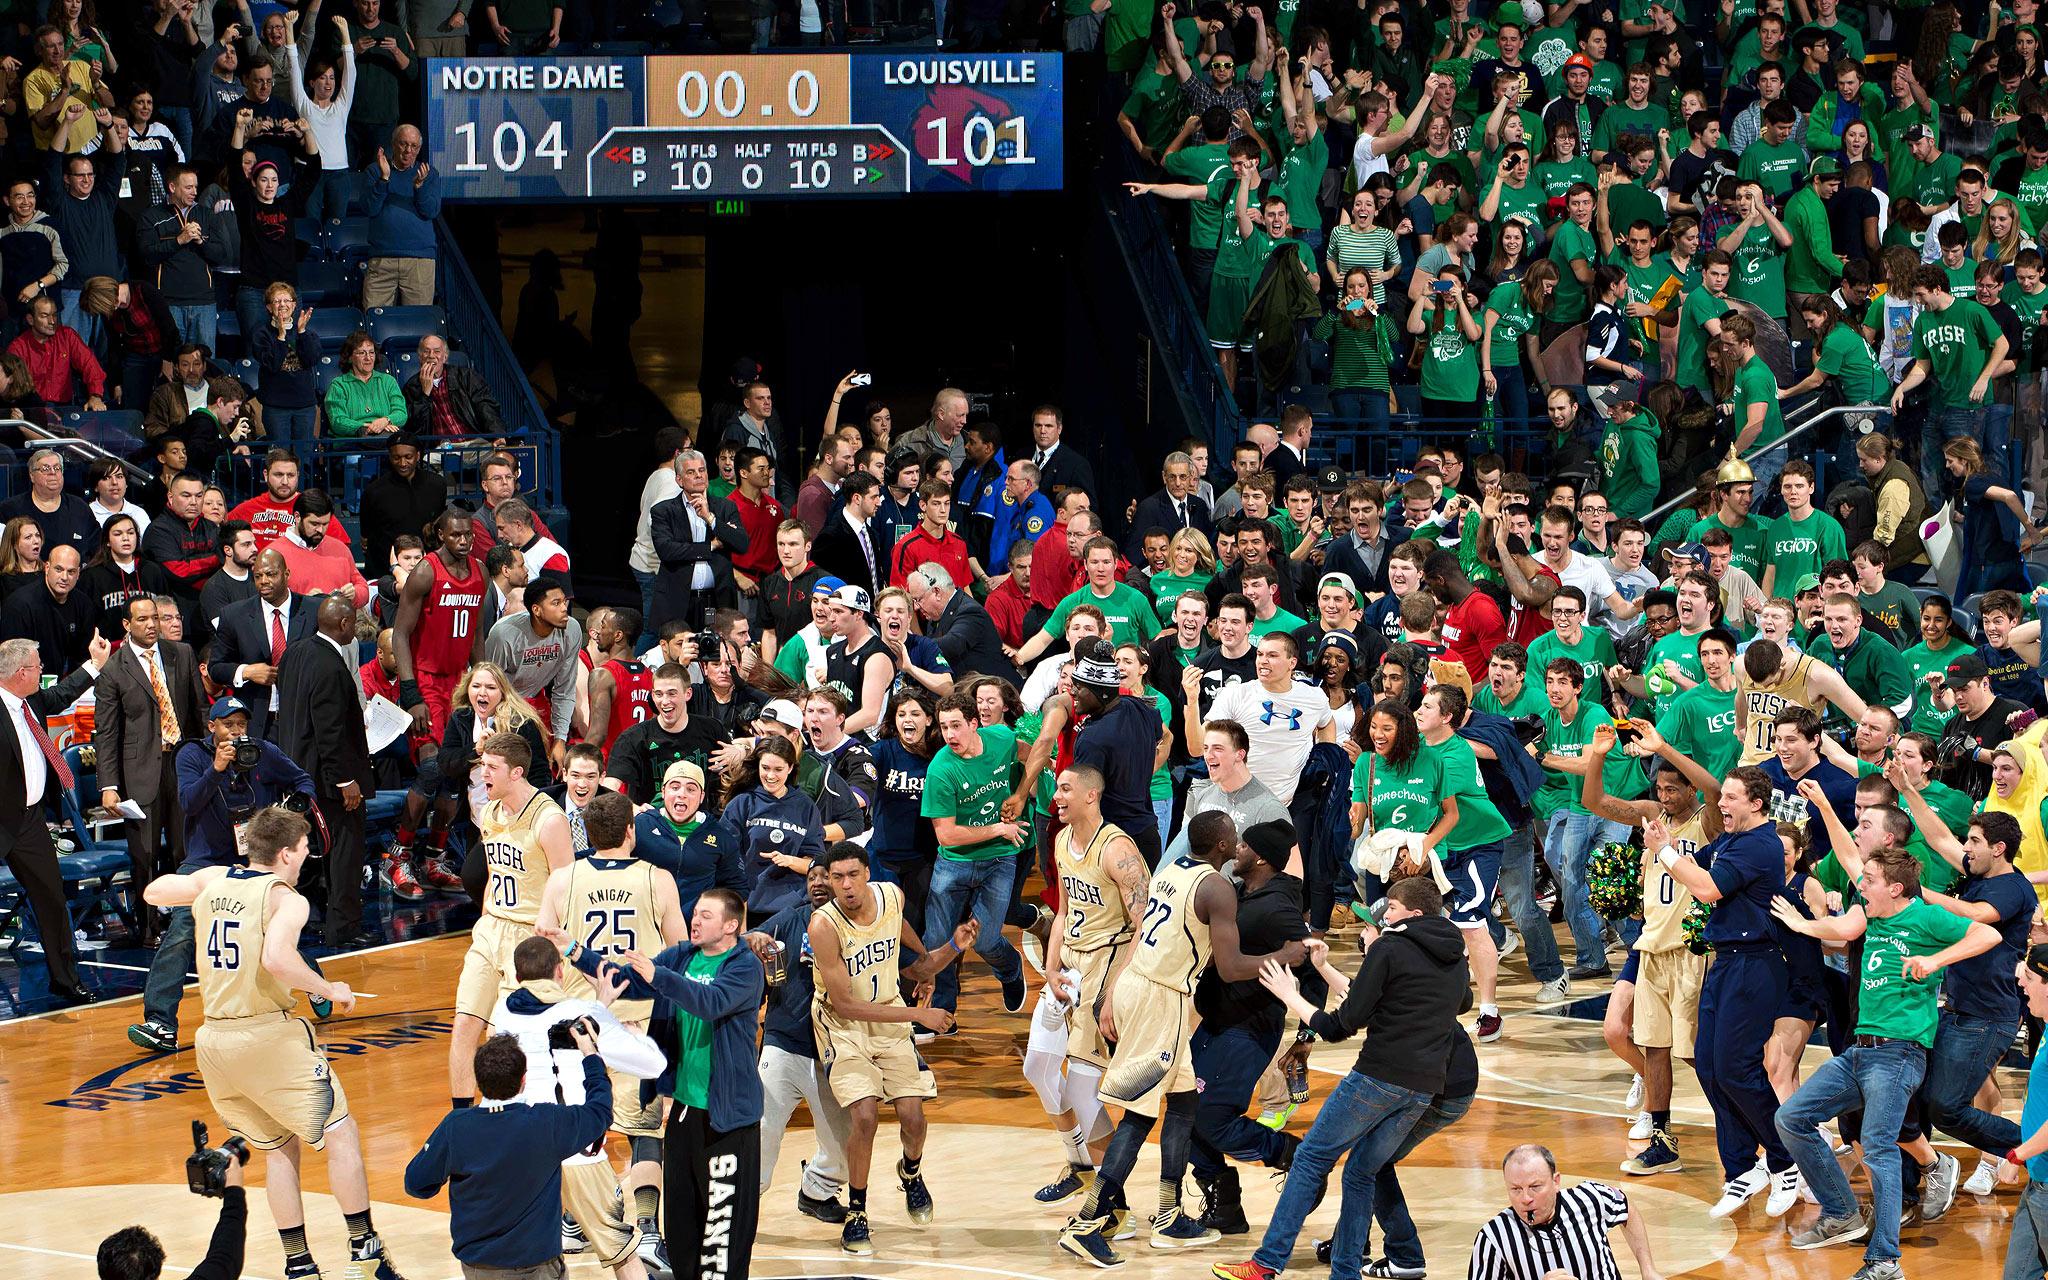 Notre Dame students storm court